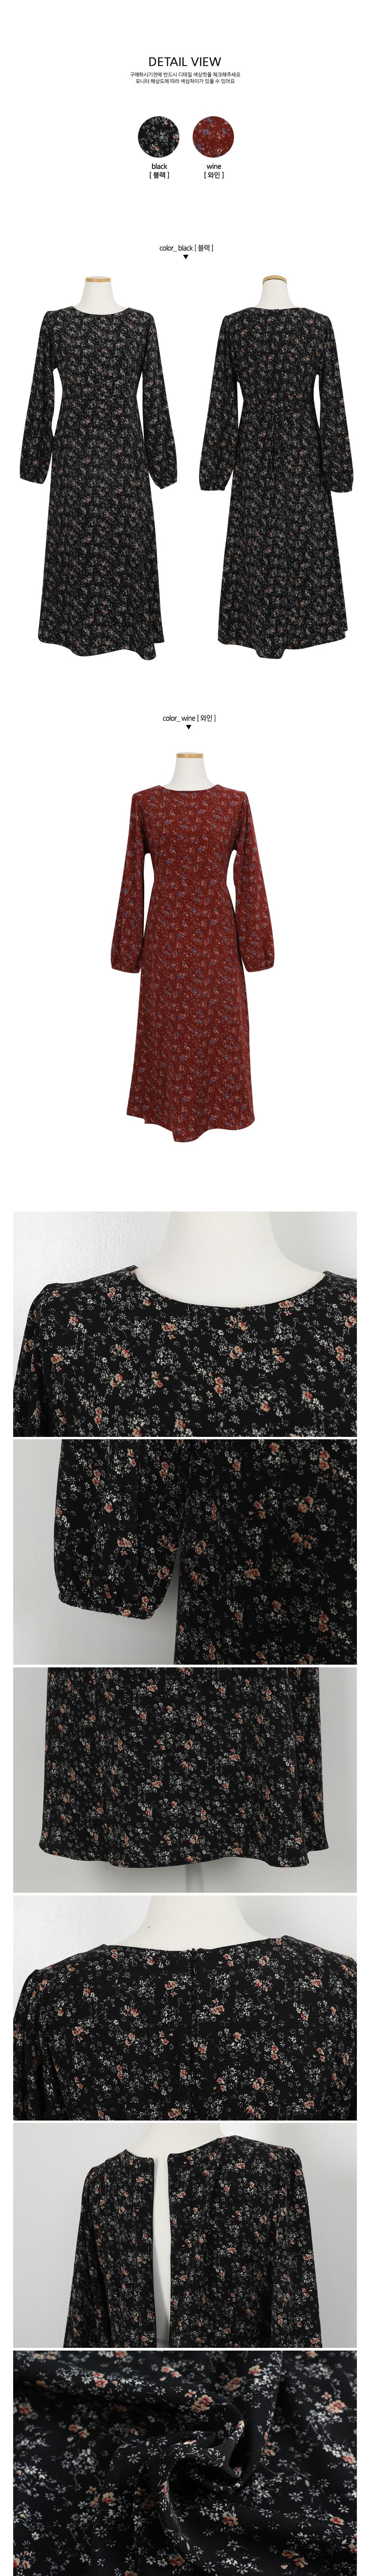 Taki Floron Dress